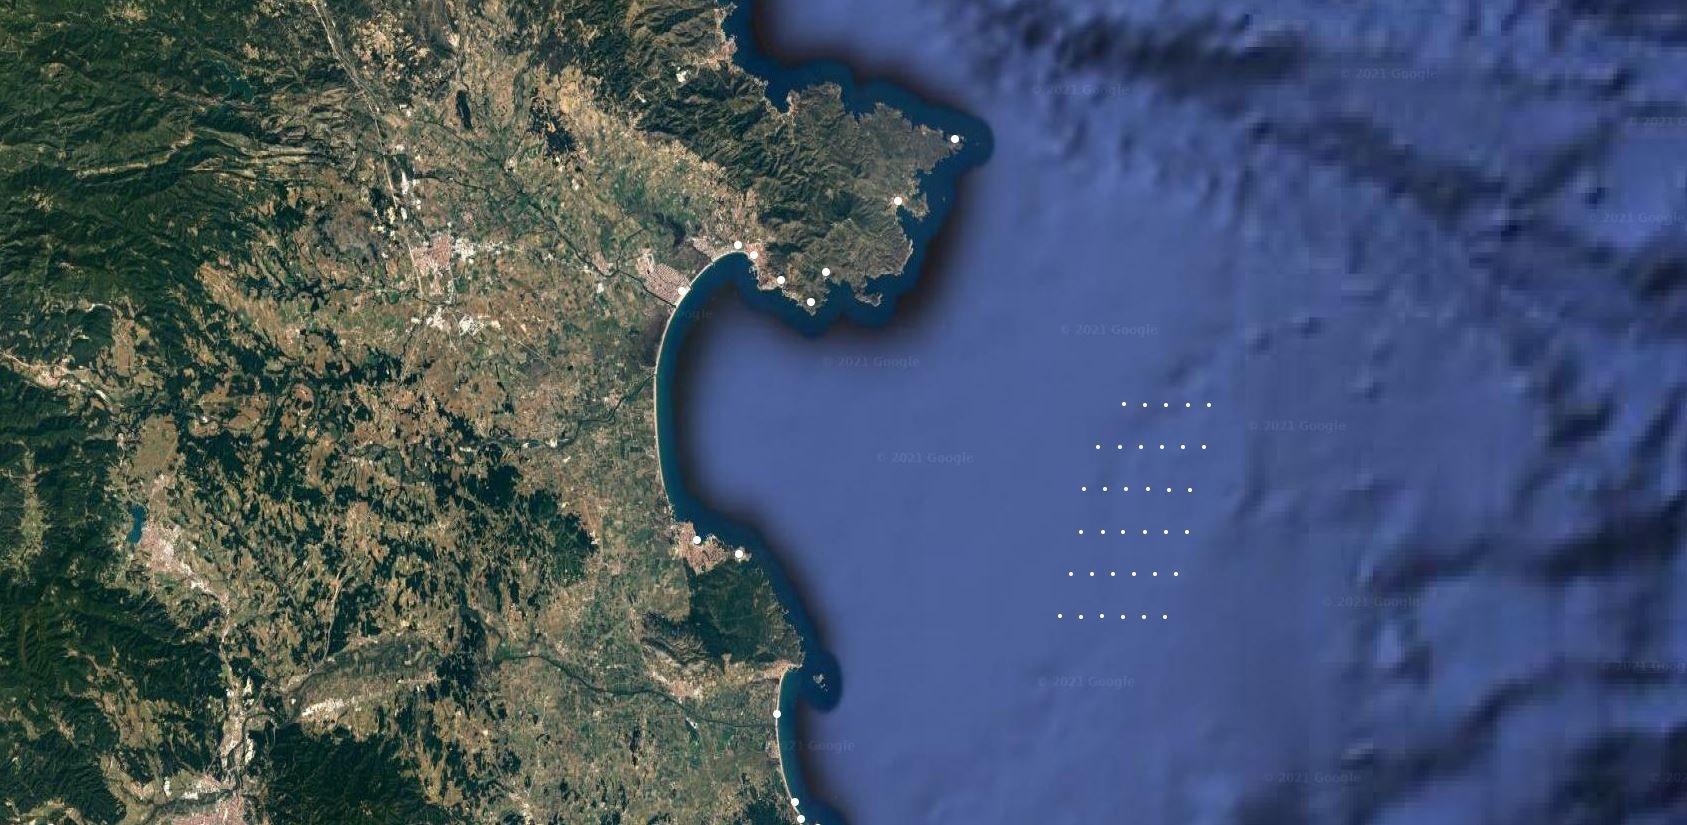 Mapa general d'on estaran ubicats els aerogeneradors